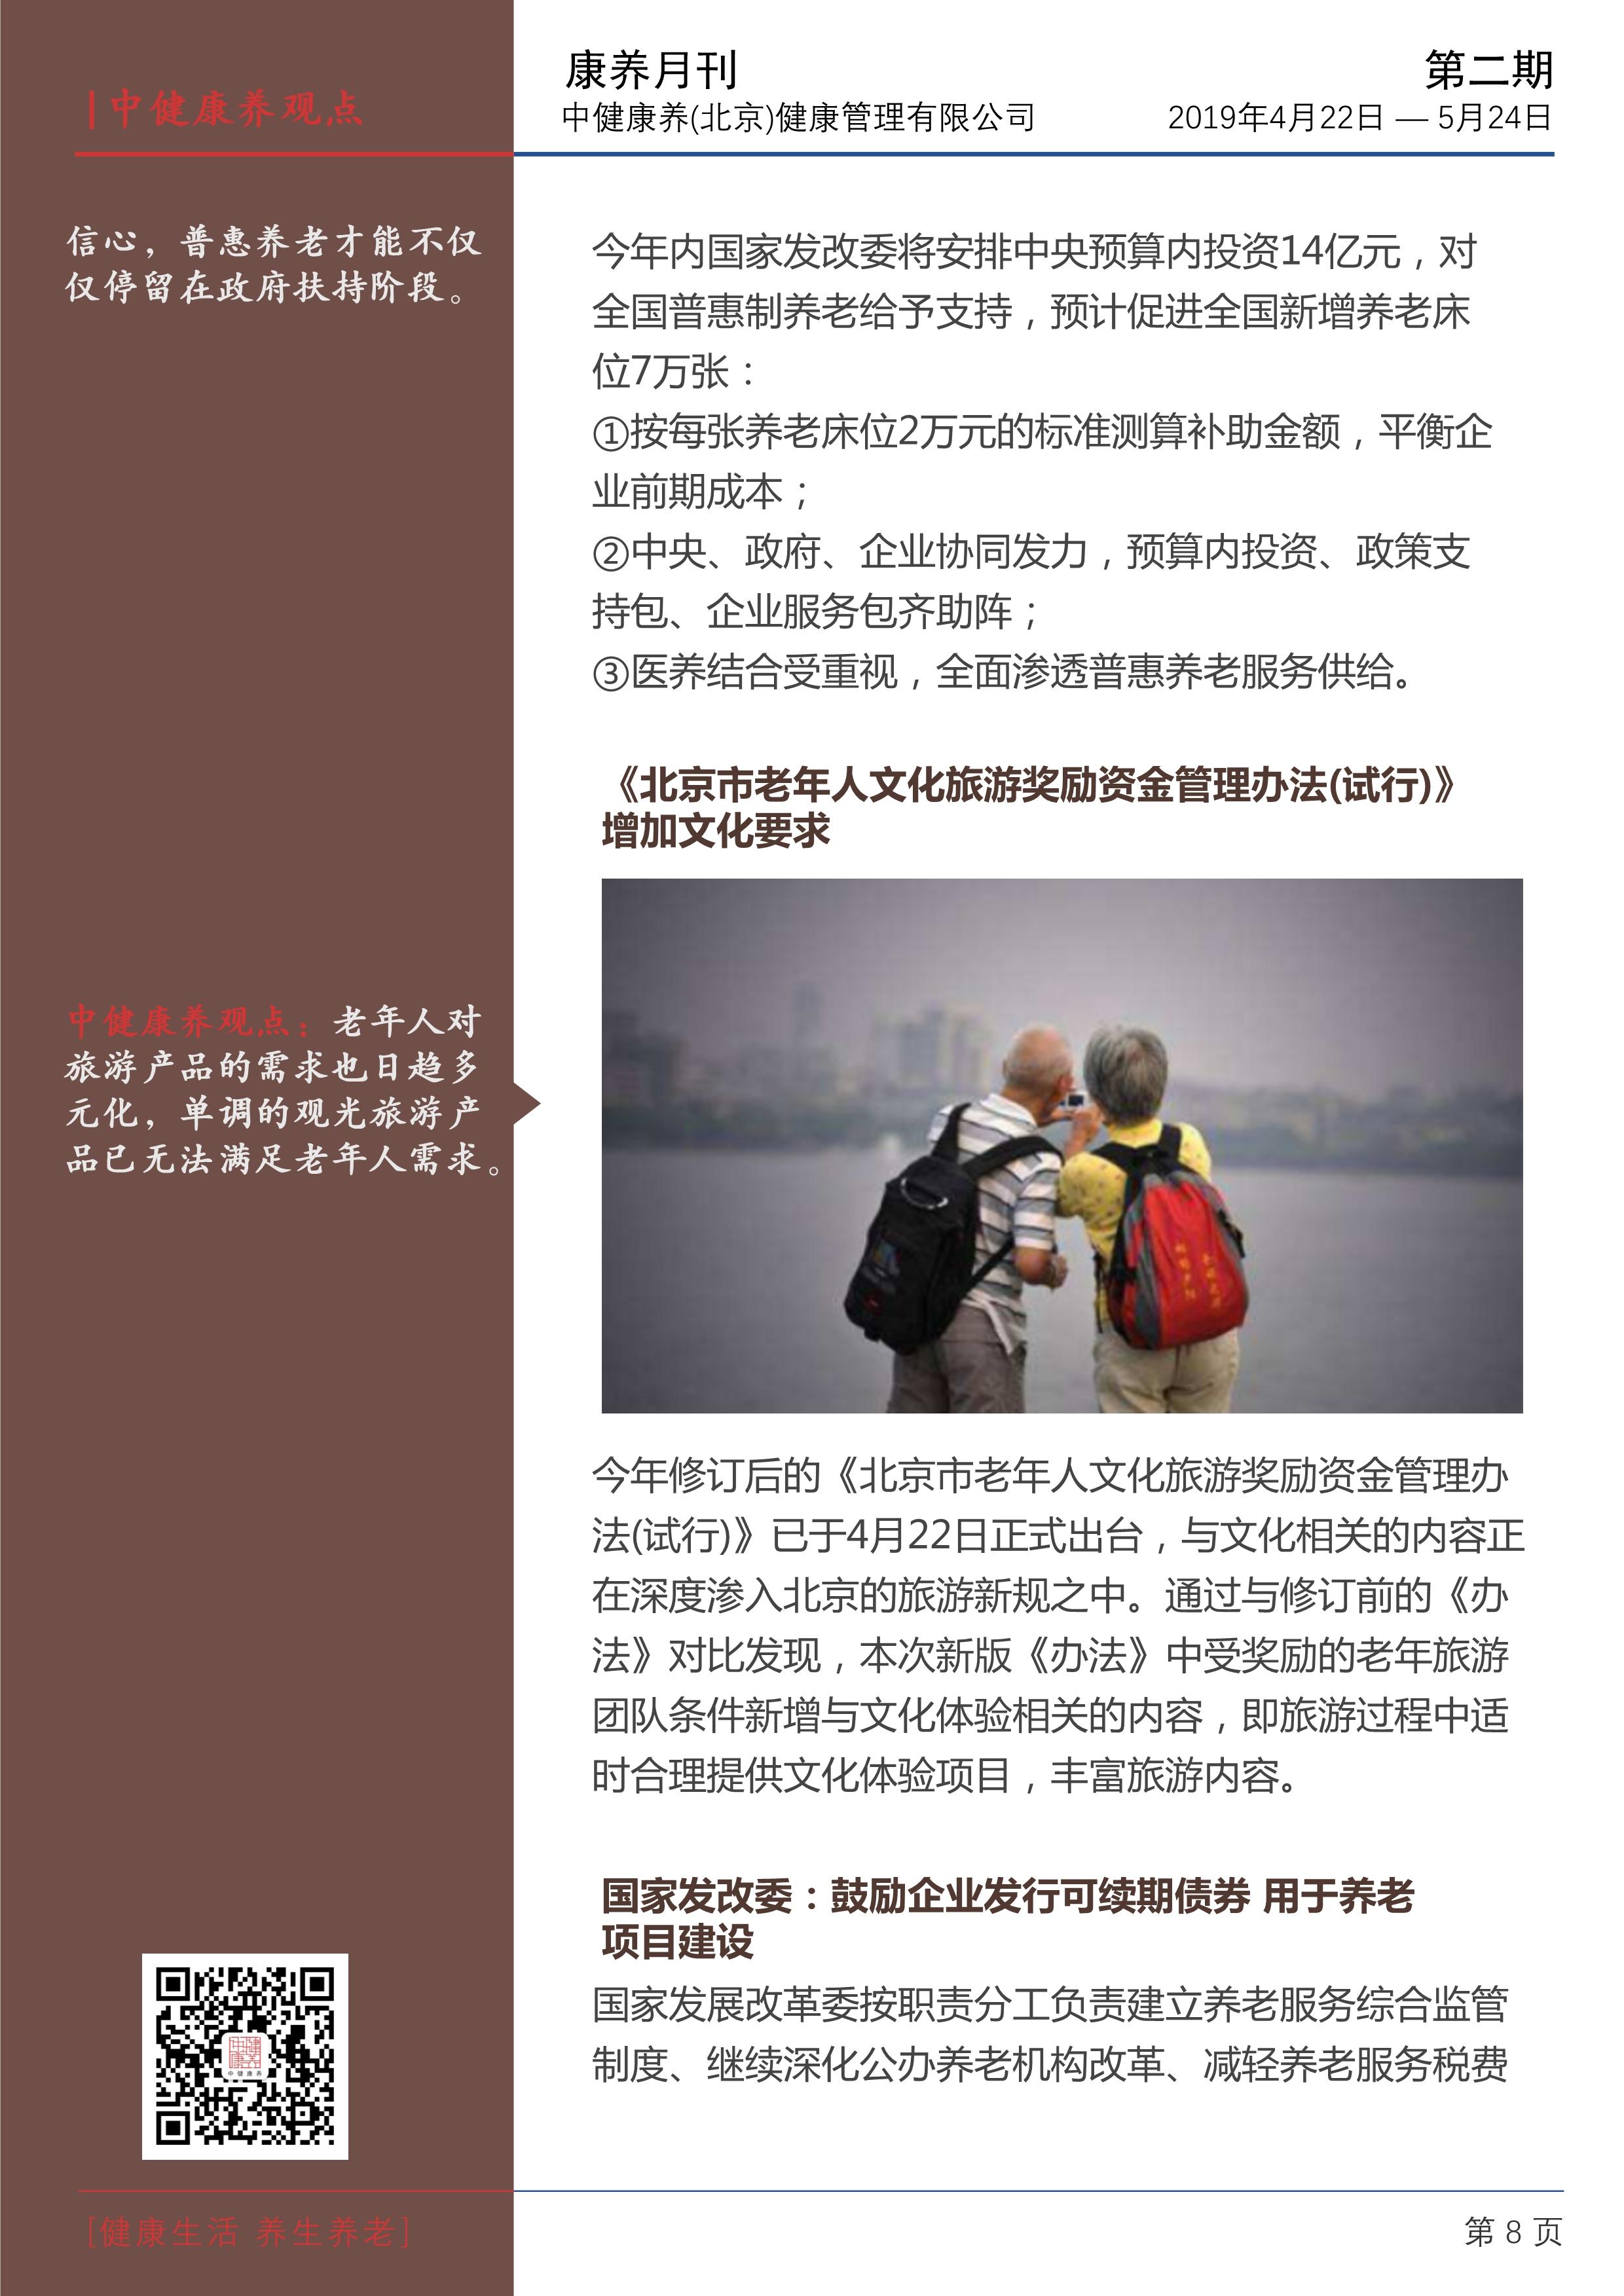 康養月刊-第二期6.3v.2_IMG-康養月刊-第二期6.3v.2_8